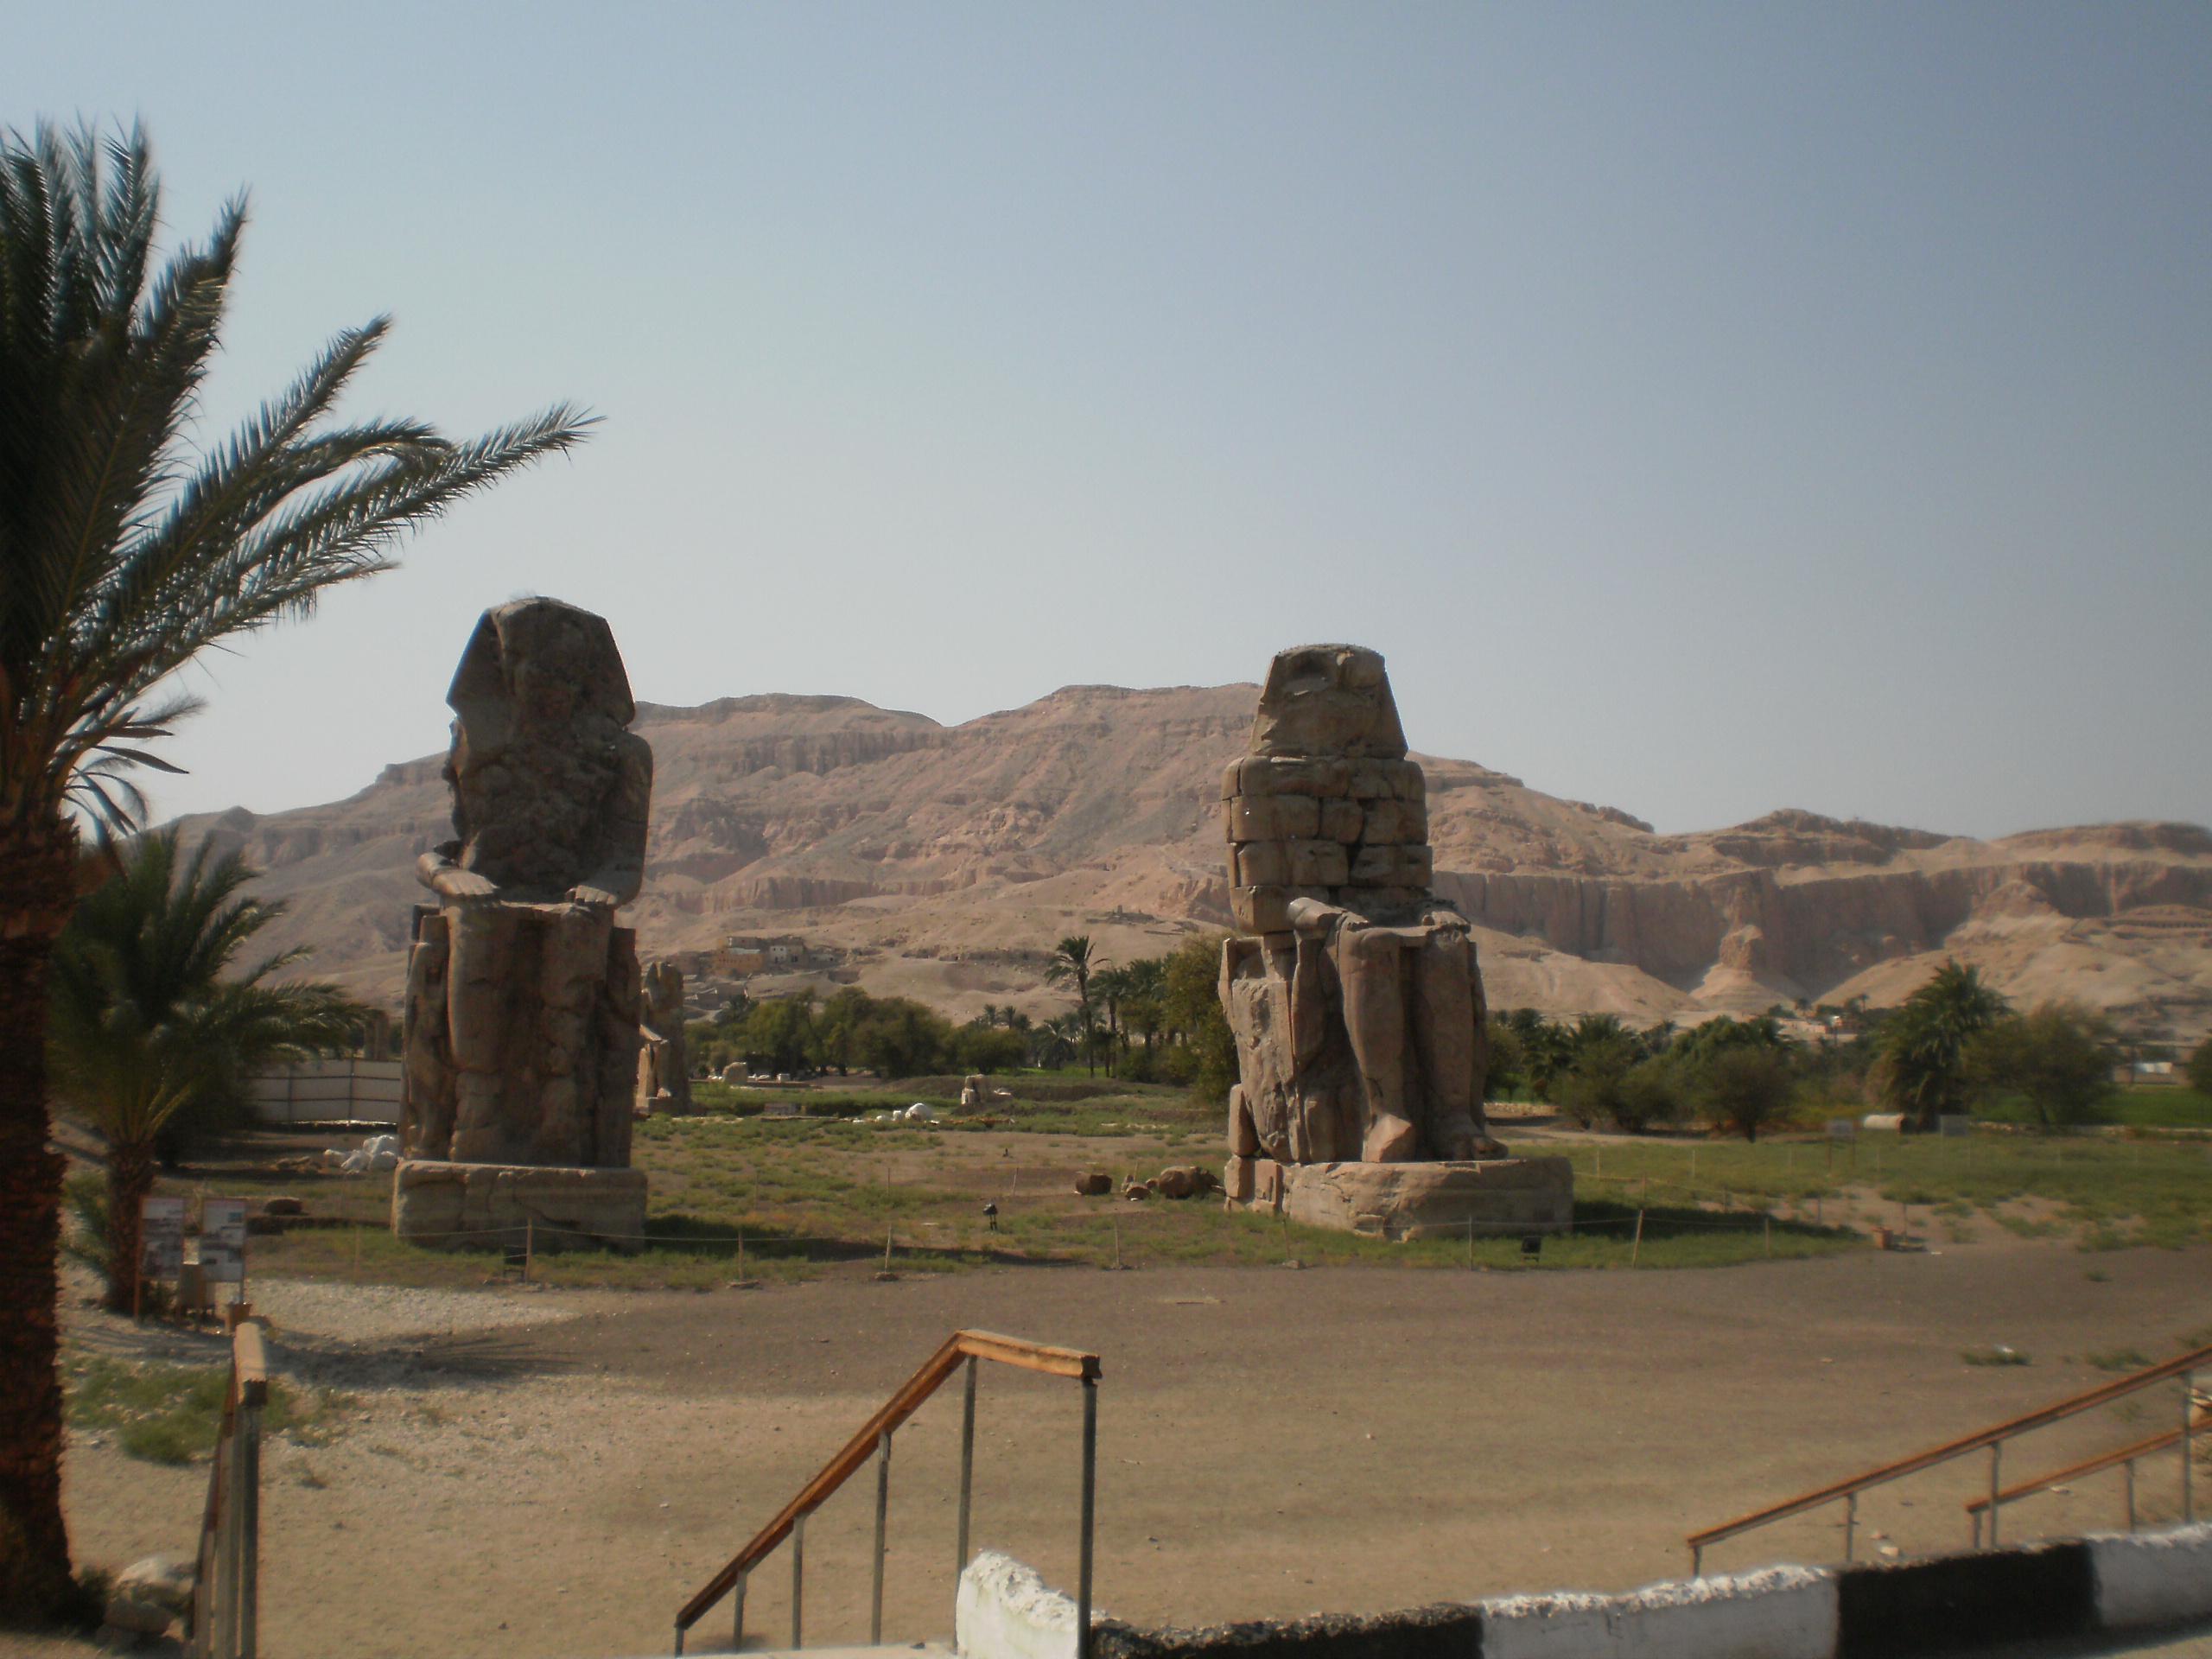 letovanje/egipat/egipat-memnonovi-kolosi2.JPG